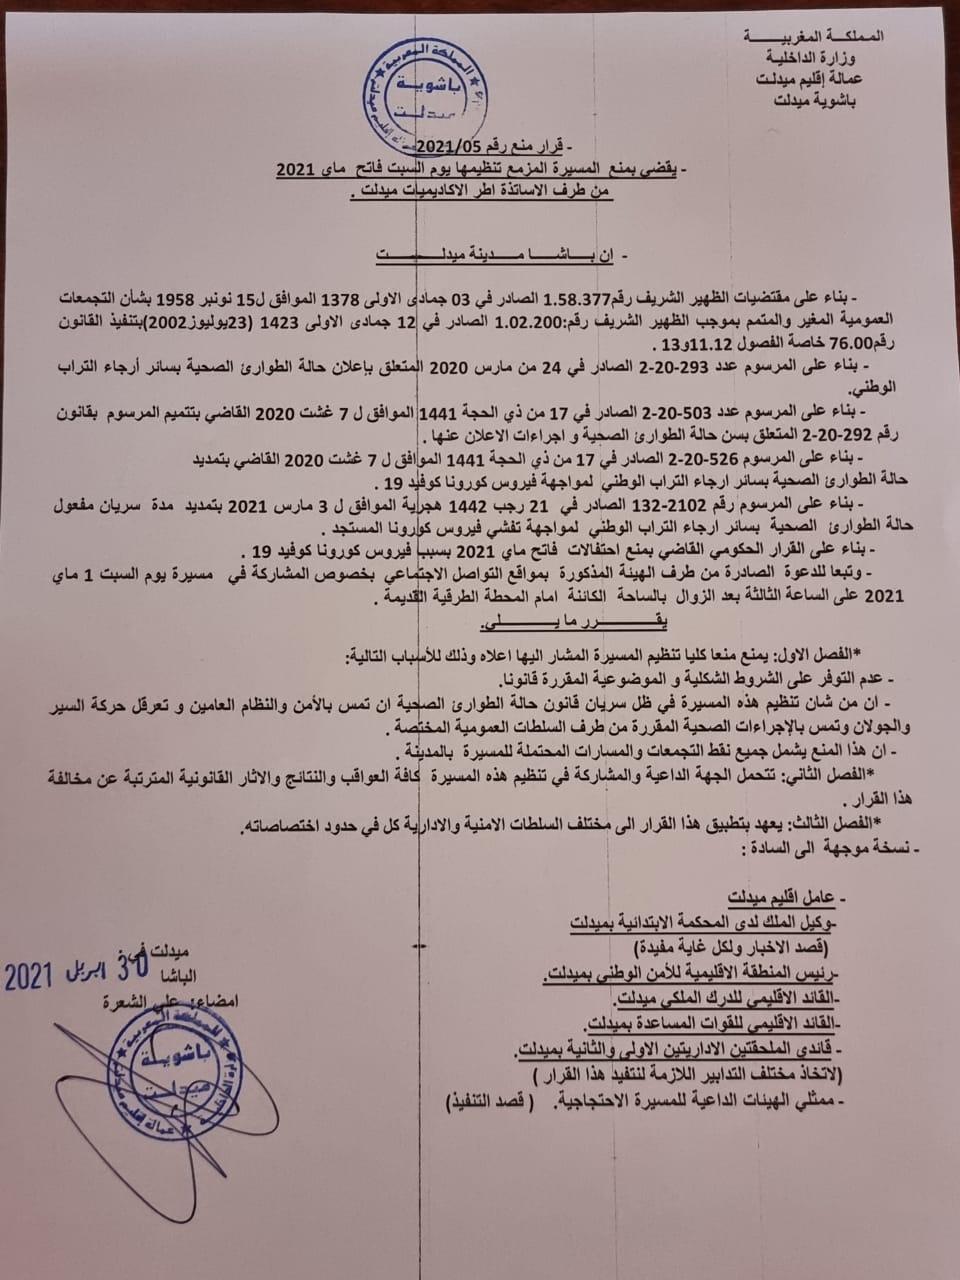 باشا ميدلت يمنع مهرجان خطابي ومسيرة احتفالية ل ك-د-ش بمناسبة عيد الشغل.